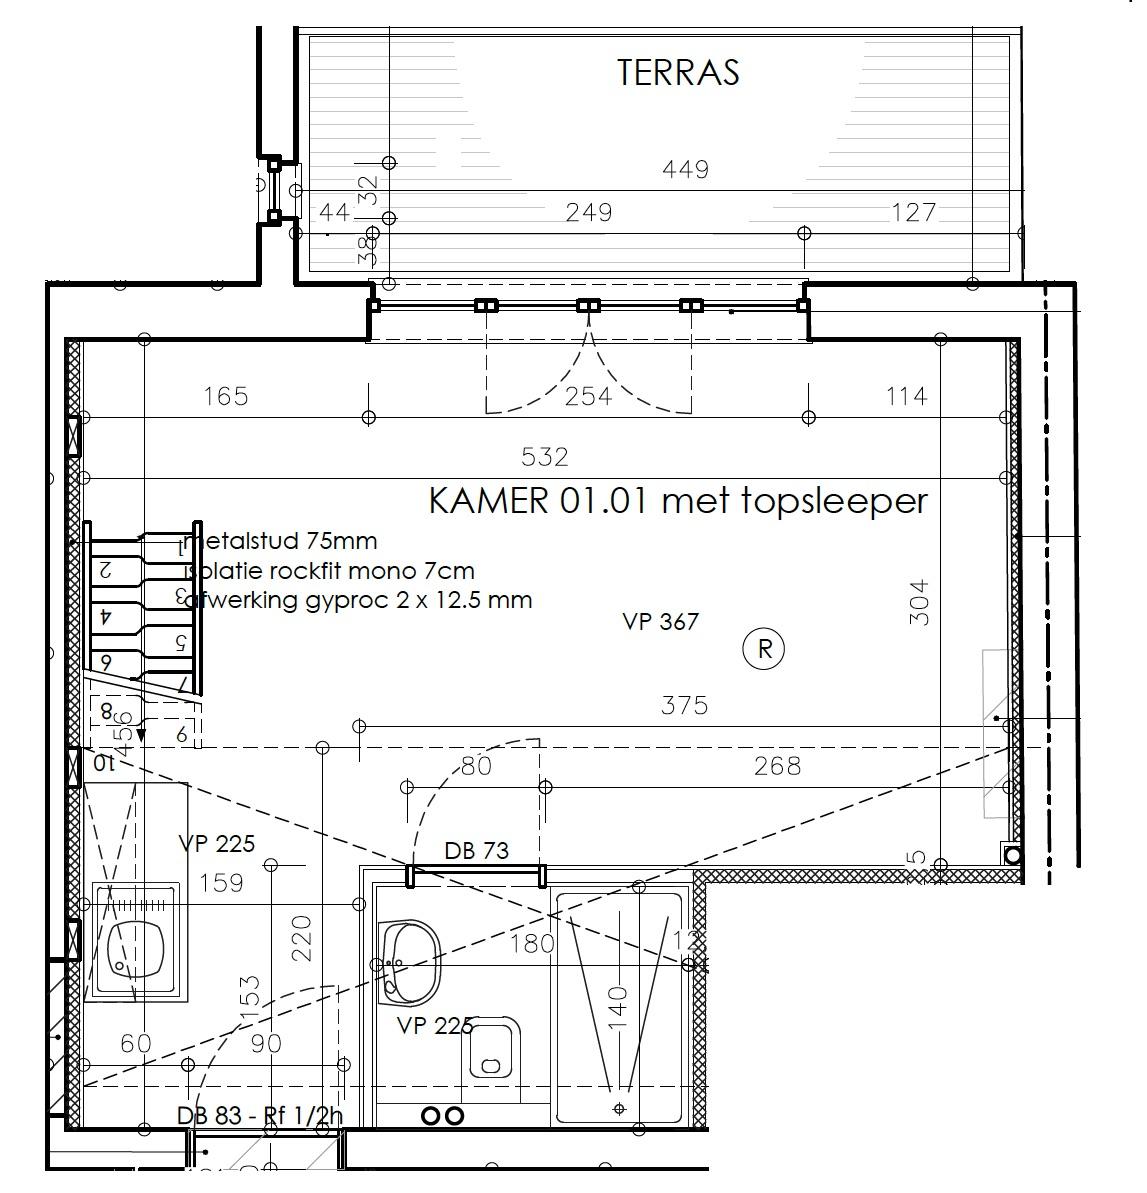 DB12-0101 - grondplan